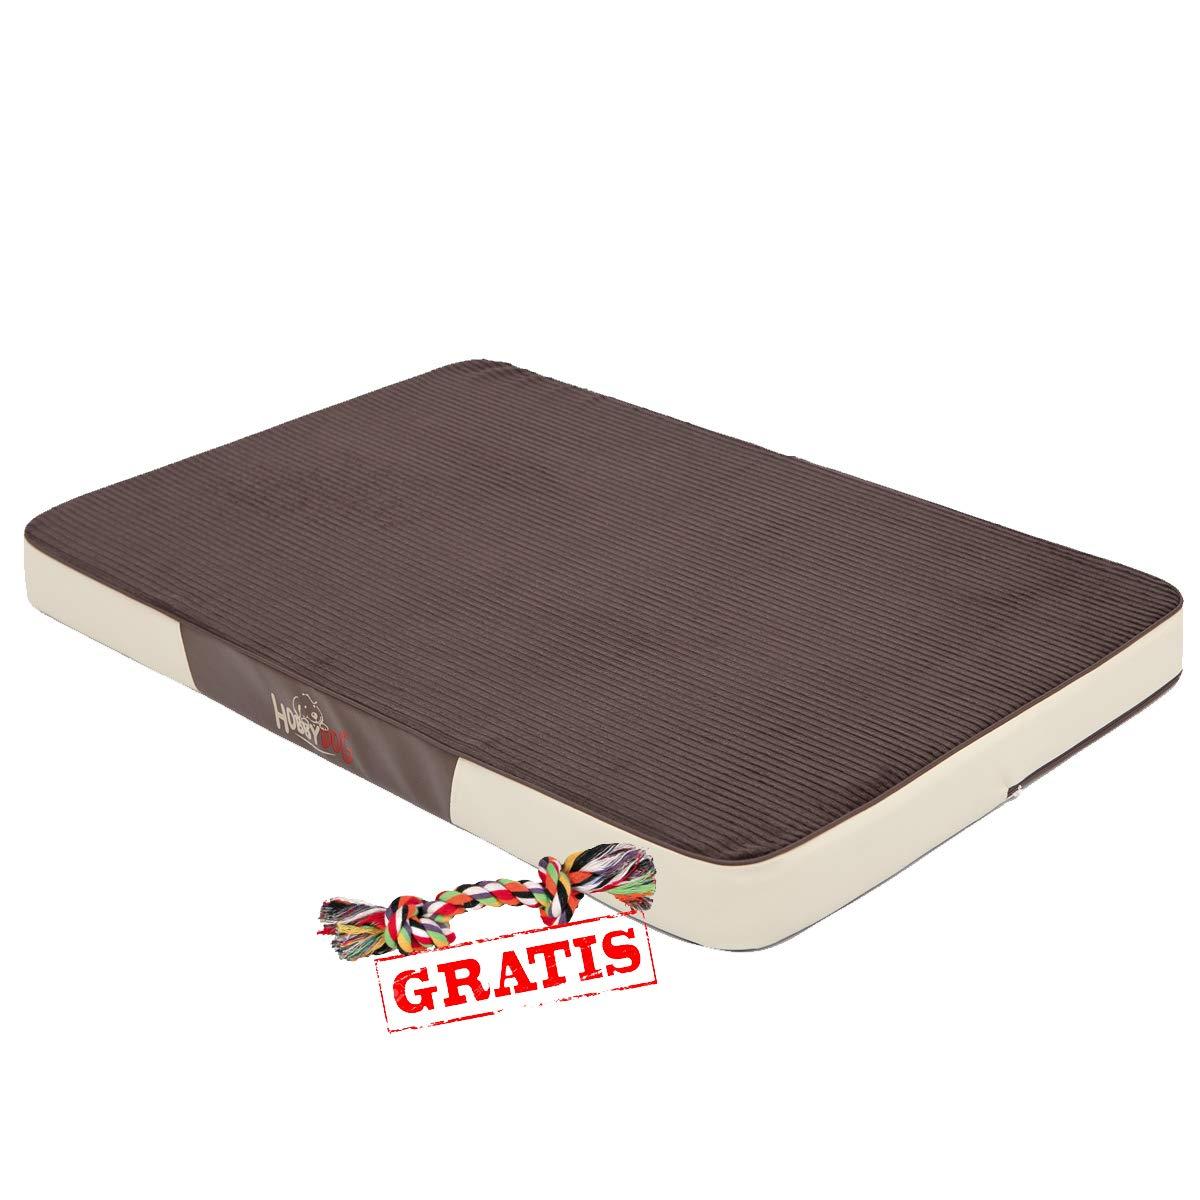 outlet online economico Hobbydog Premium mprcrz3 + + + Ball gratis cani letto Cord Eco Pelle hundematte Materasso, posto per dormire (3 diverse misure)  consegna lampo